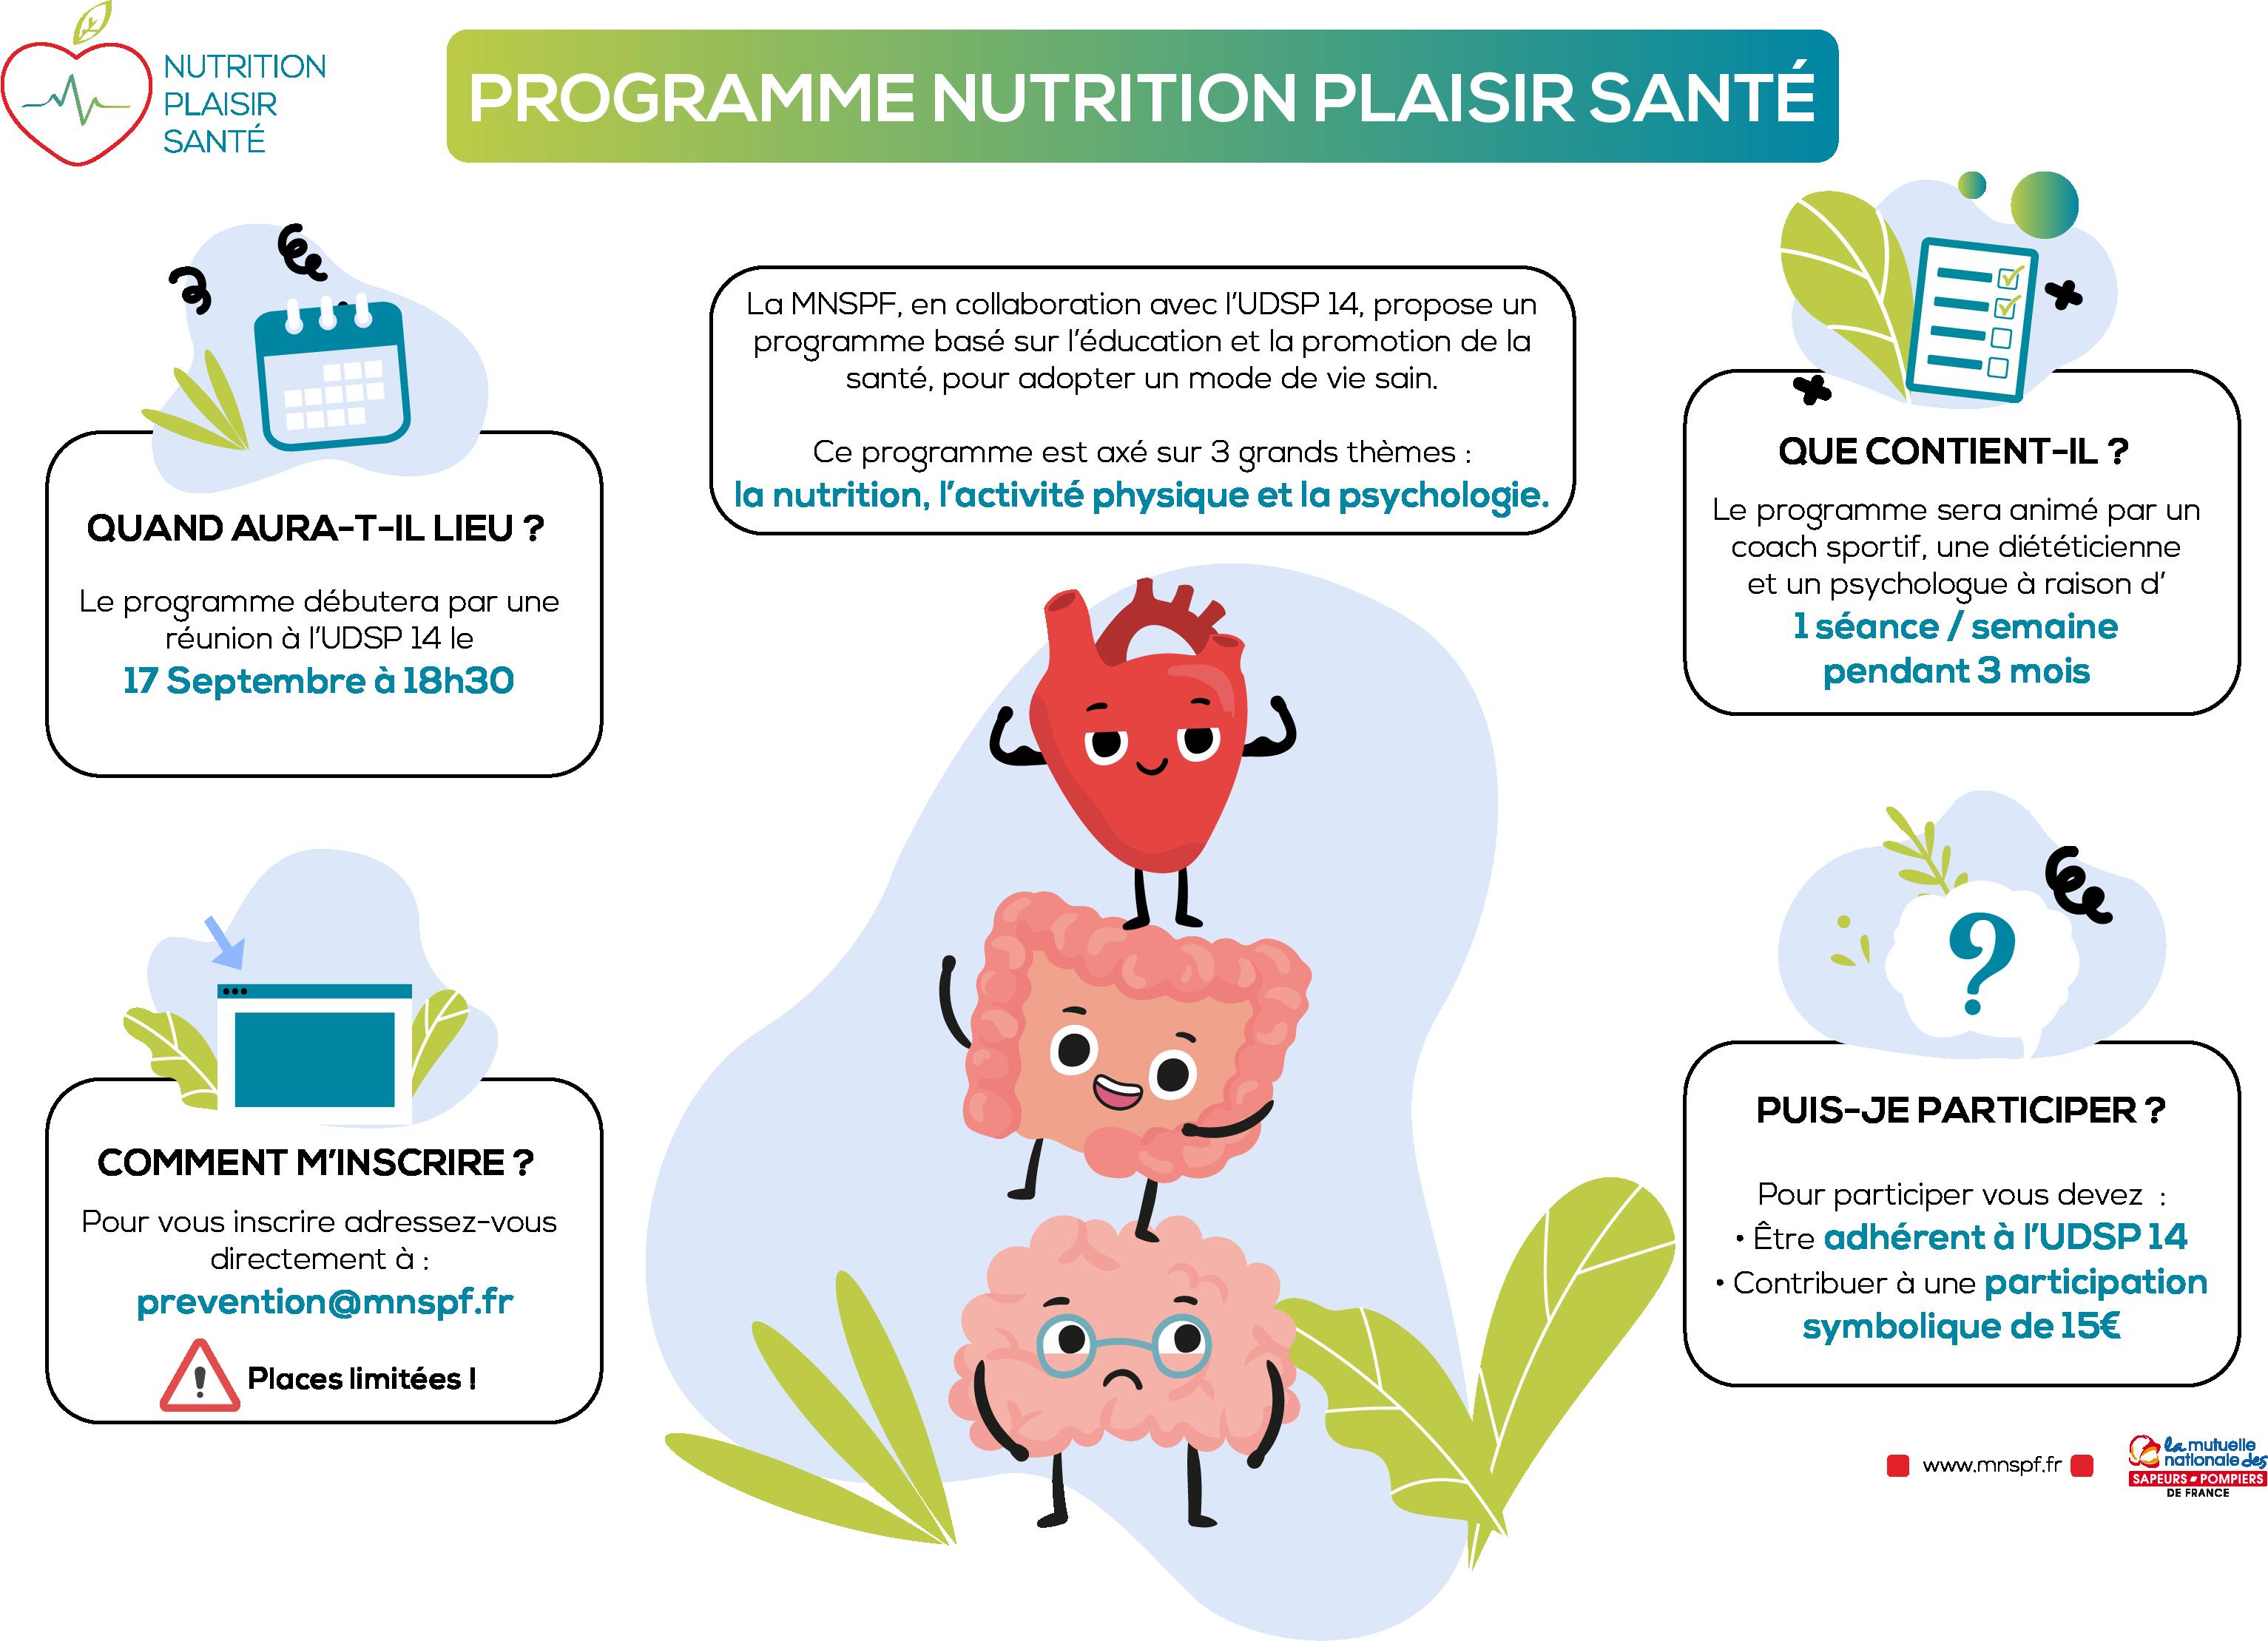 Programme Nutrition Plaisir Santé